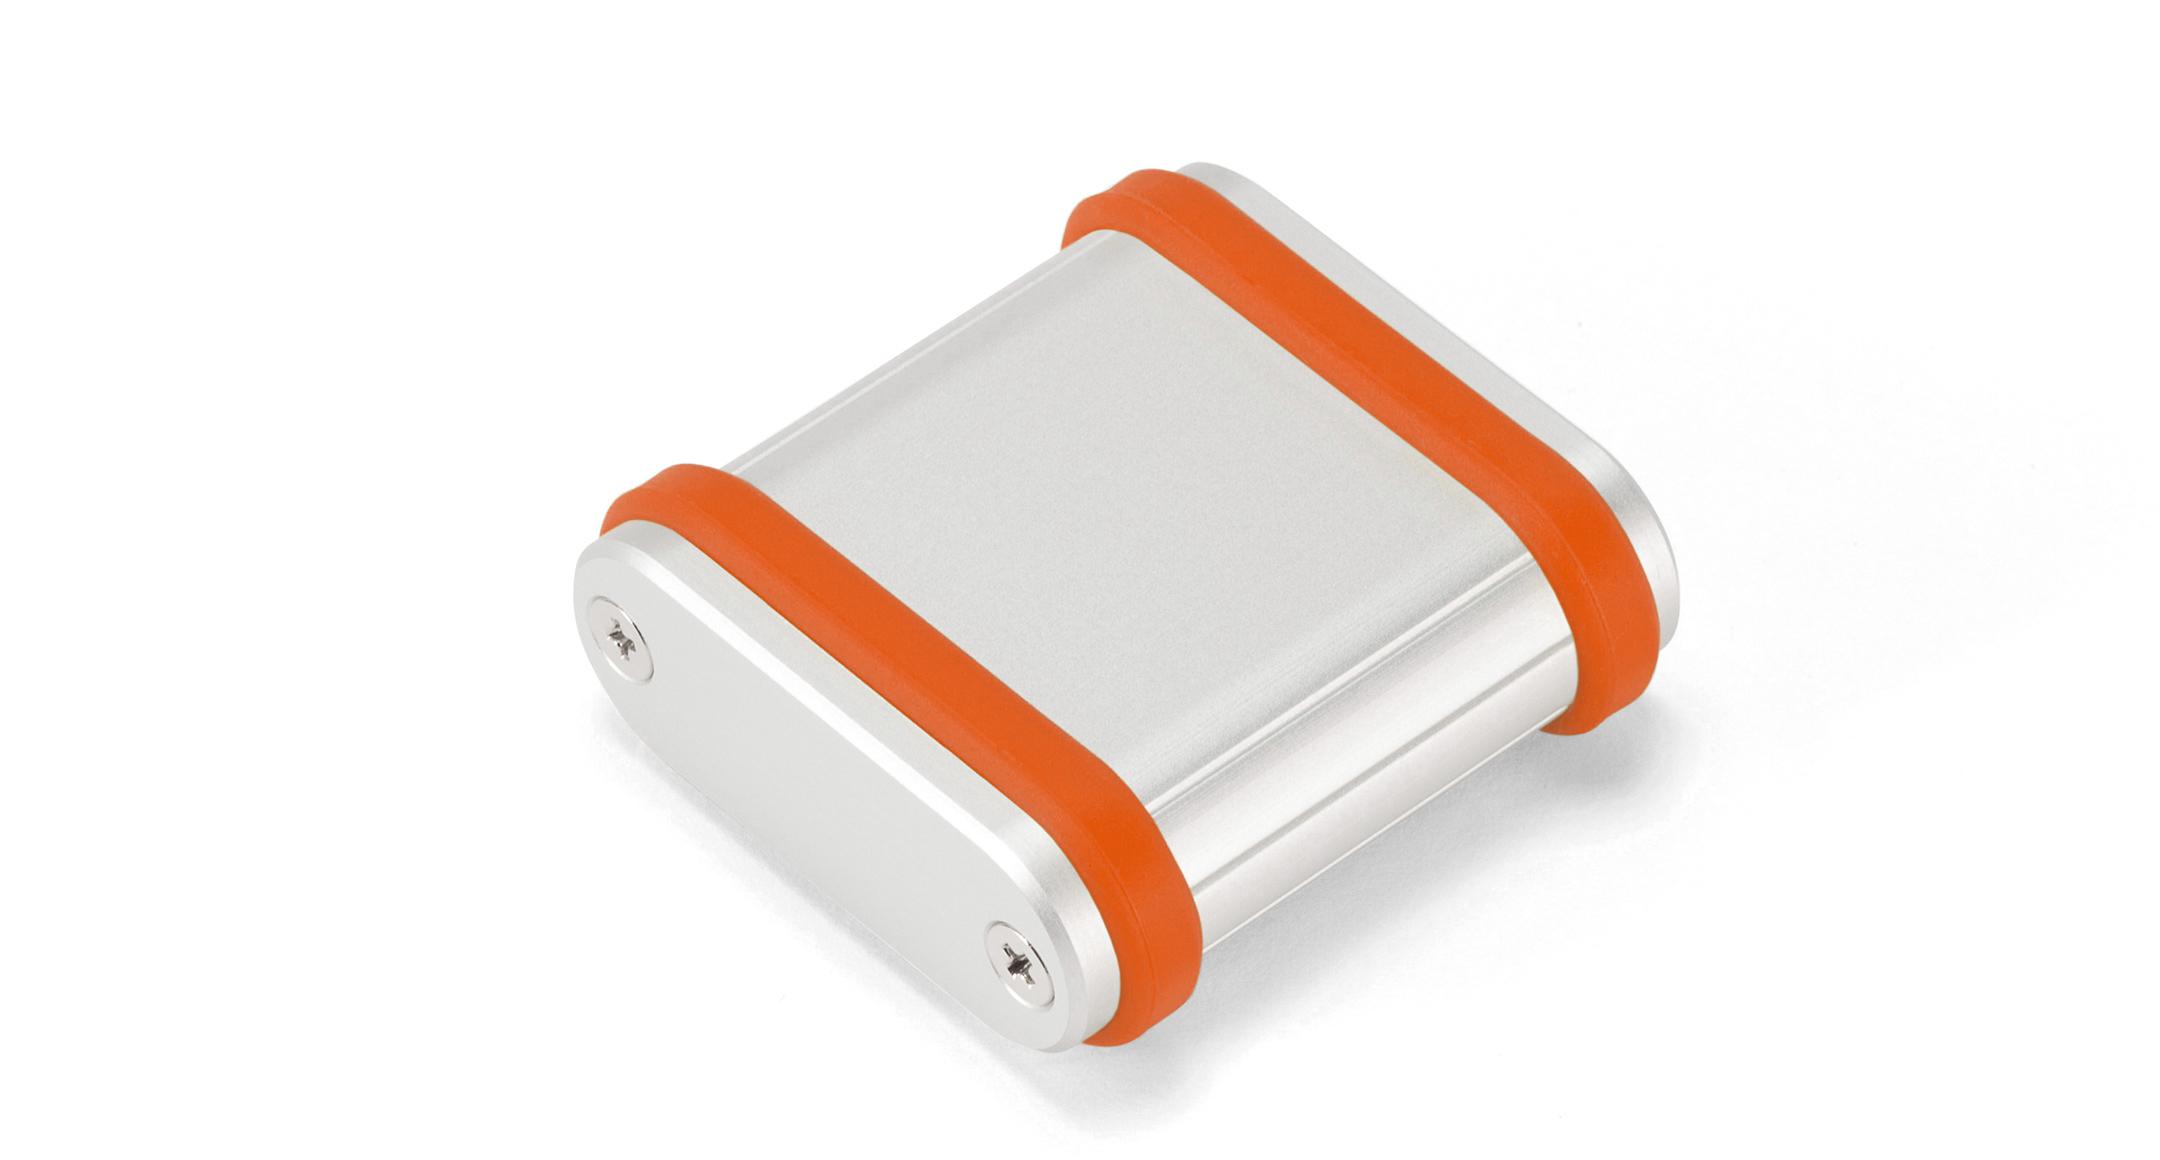 シリコンバンド付モバイルケース MXBシリーズ:シルバー/オレンジの画像